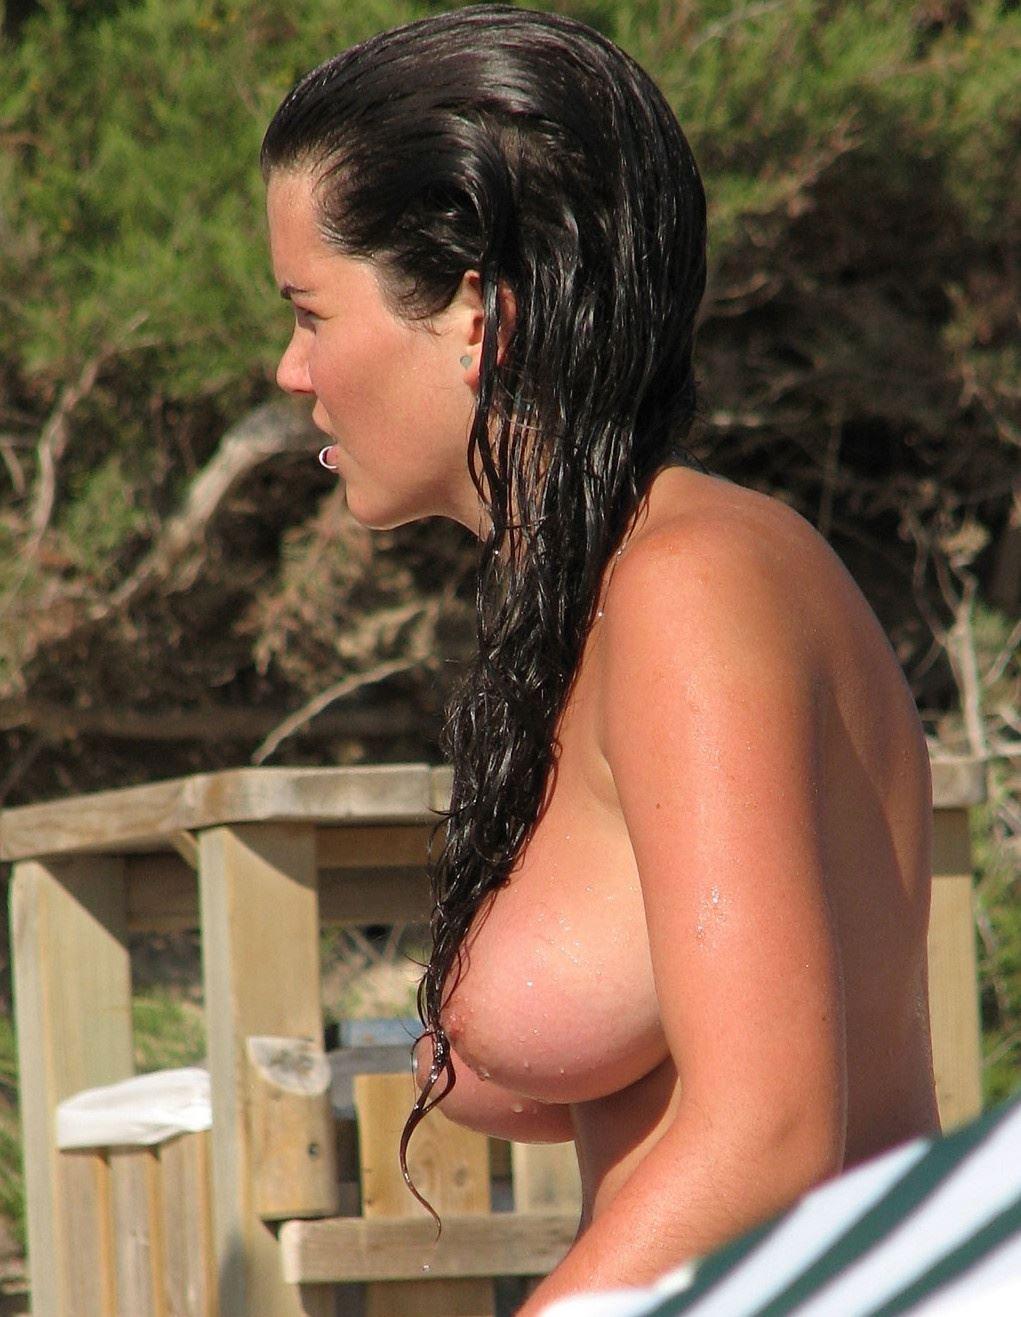 【外人】張りのある形の良い美乳おっぱいをさらけ出すヌーディストビーチの素人娘のポルノ画像 2211